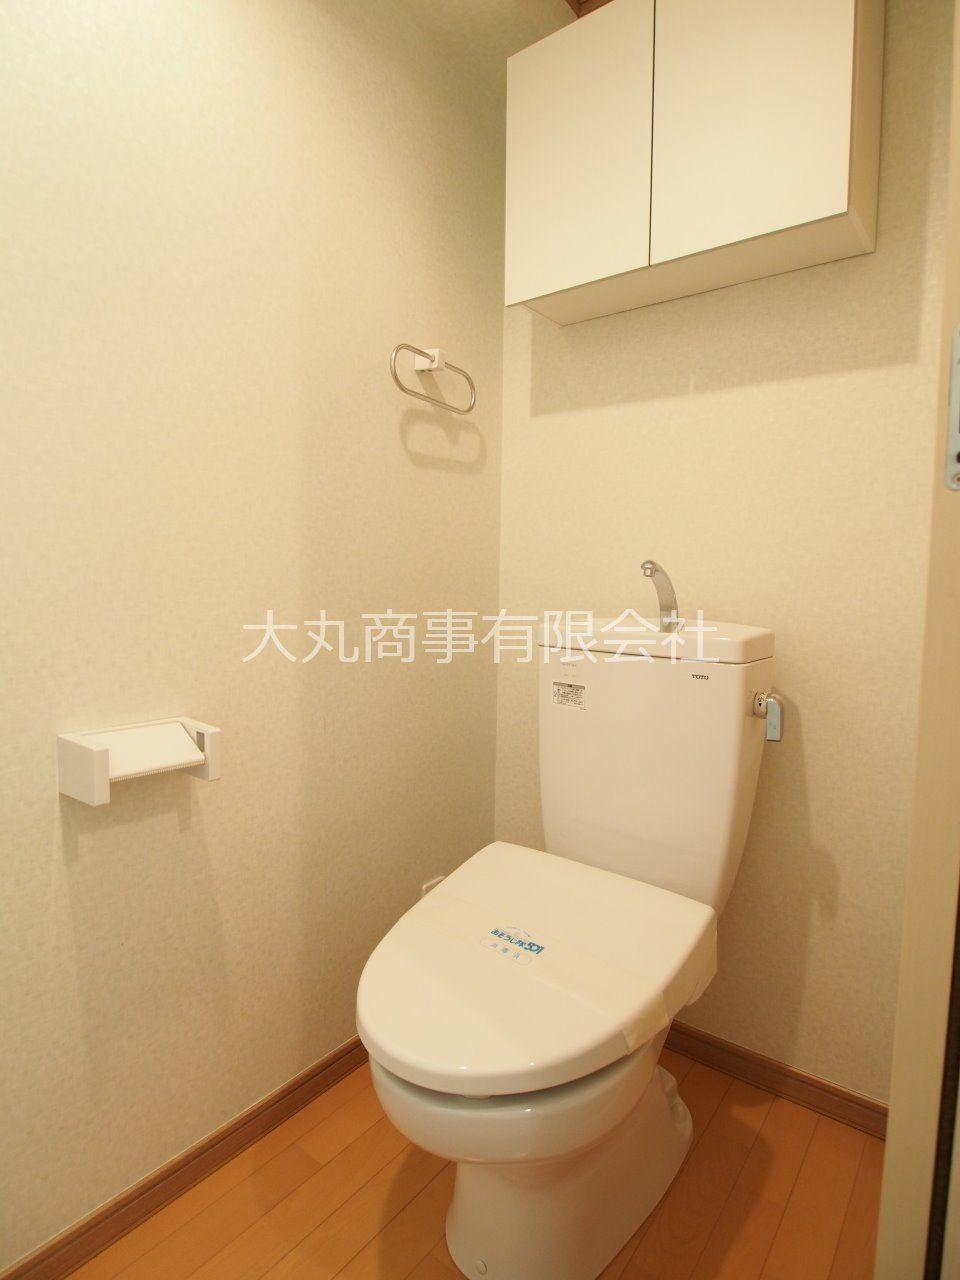 ウォーム便座付のトイレ。吊り棚もあるので便利。